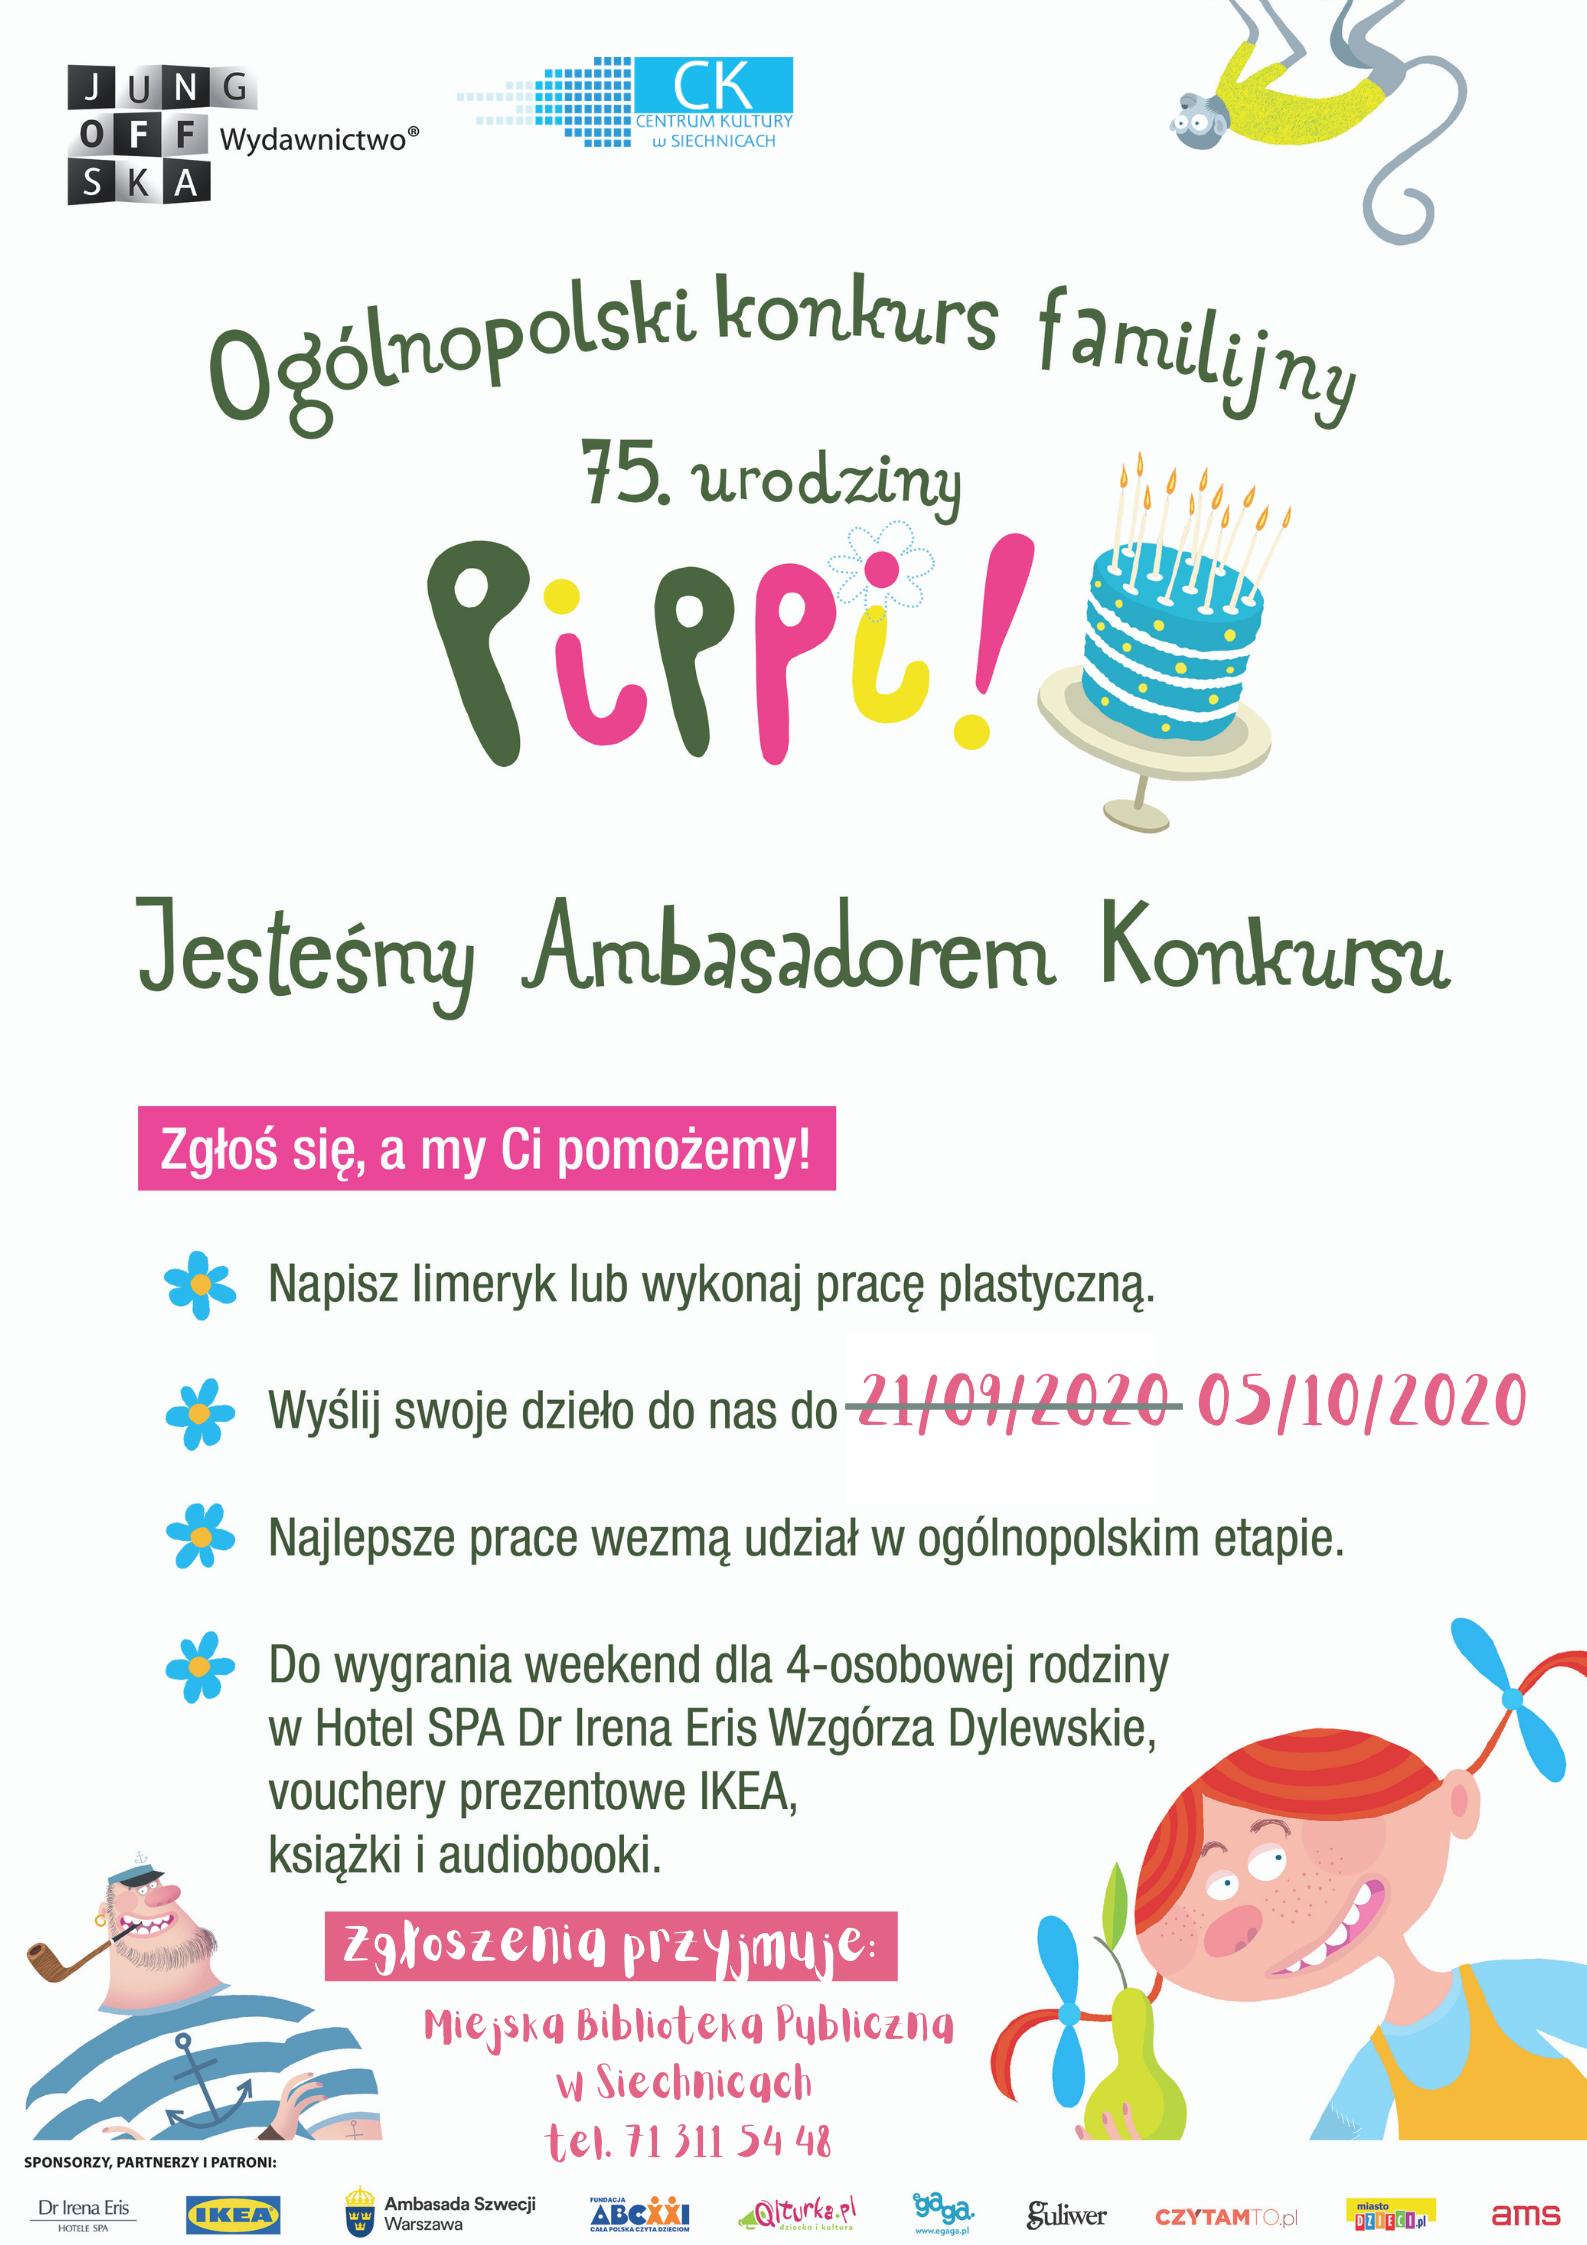 Na plakacie widoczne są kolorowe ilustracje z książki Pippi Pończoszanka oraz informacje o konkursie z okazji urodzin Pippi